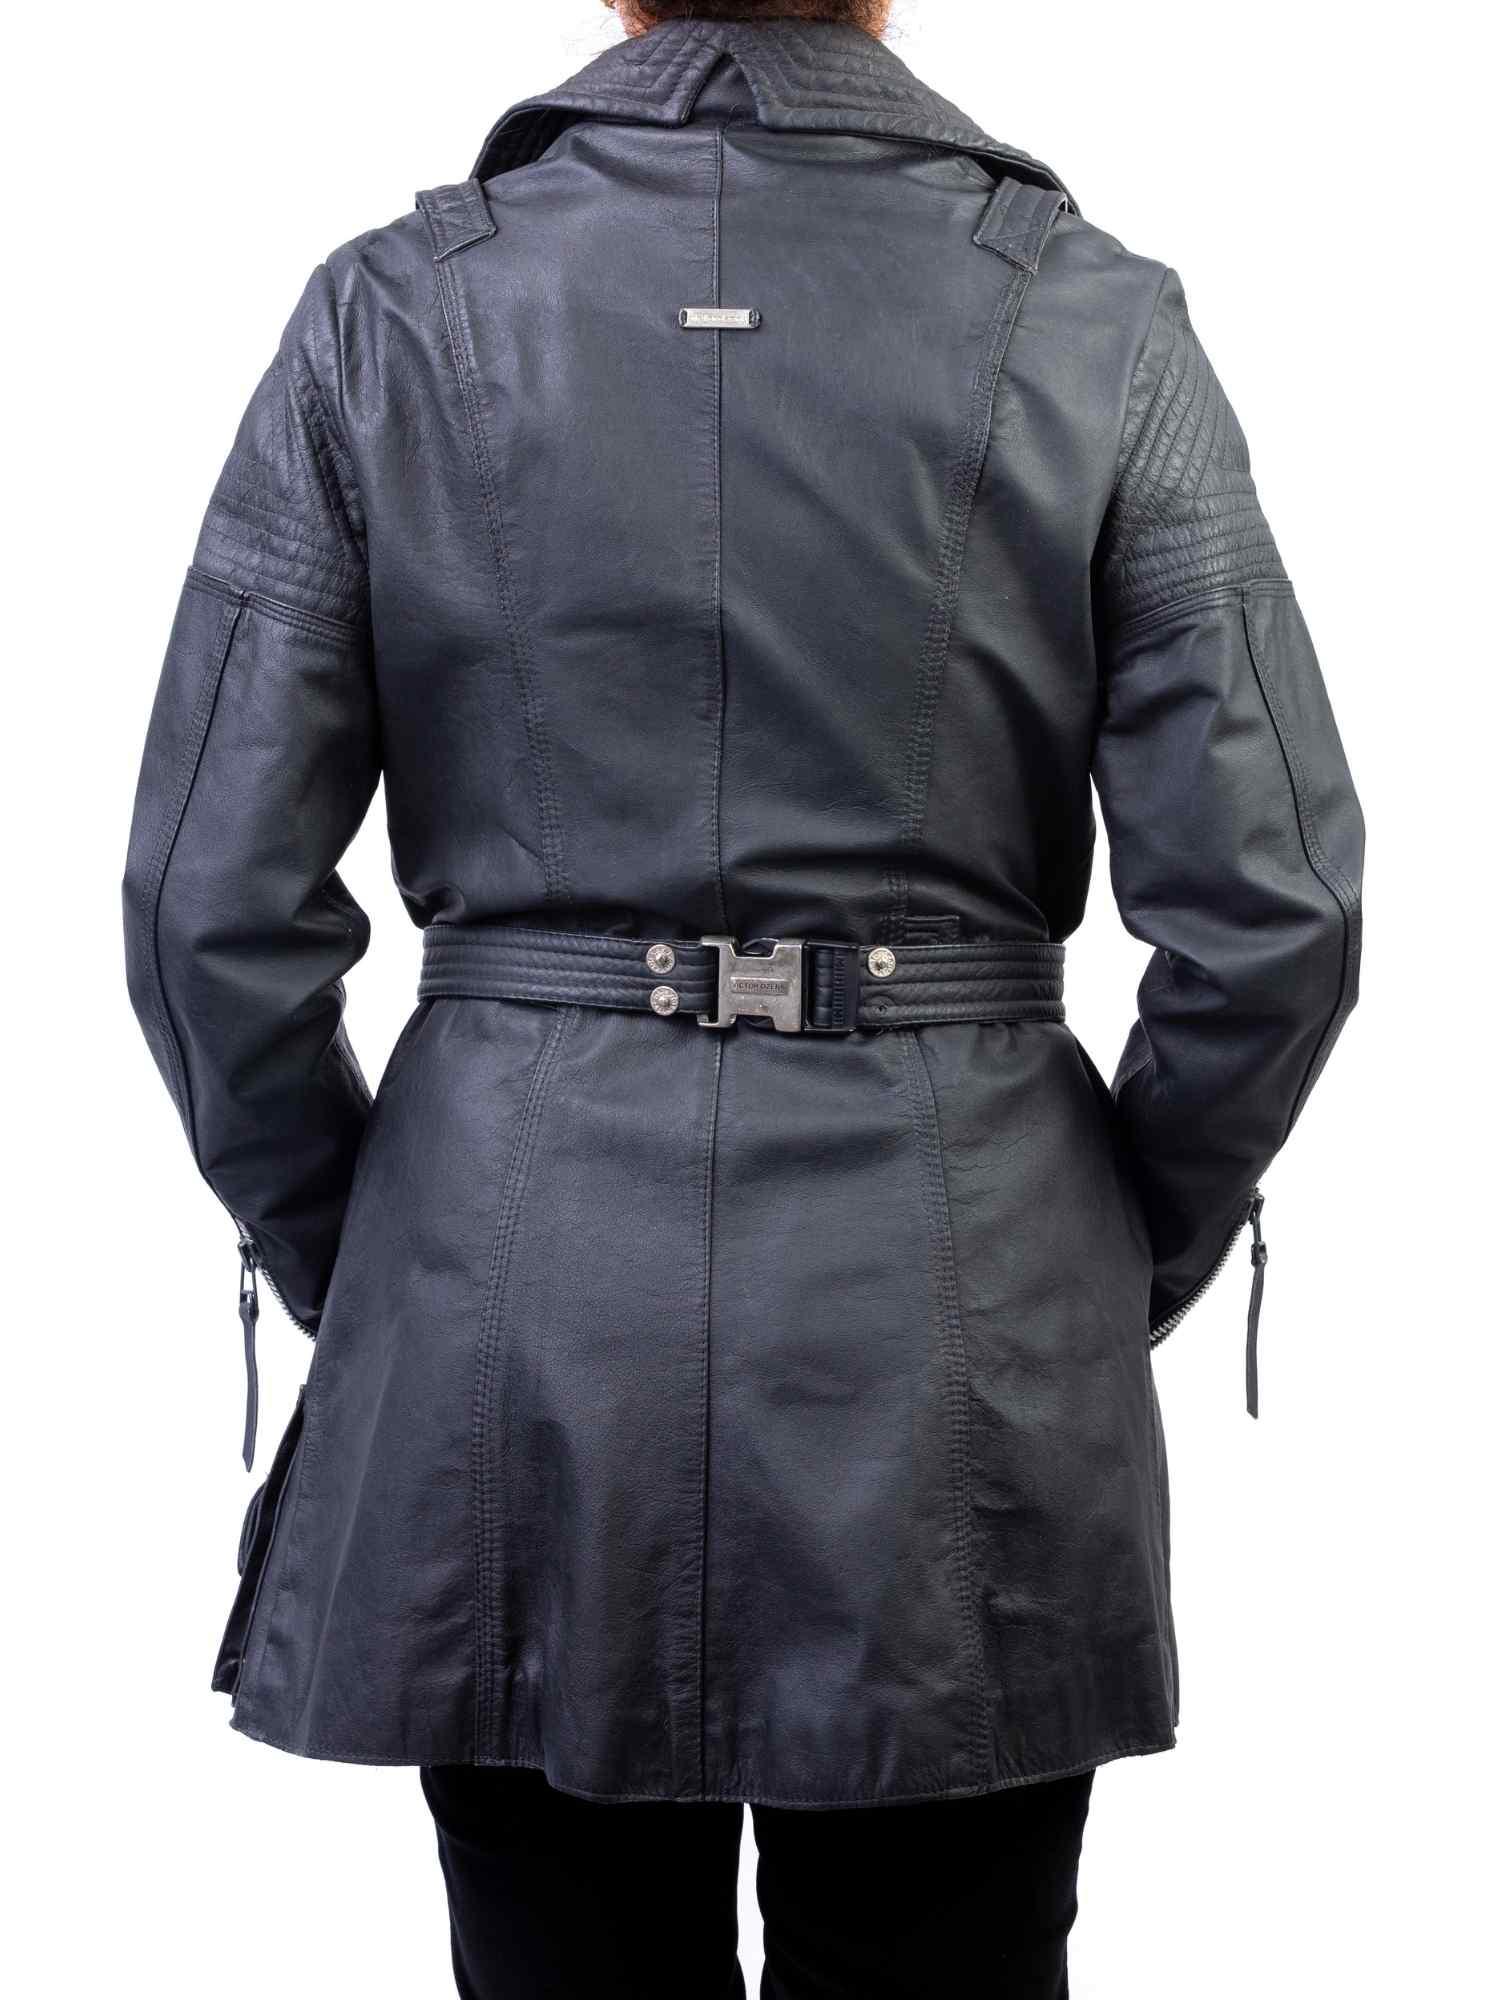 Trench Coat Victor Dzenk Couro